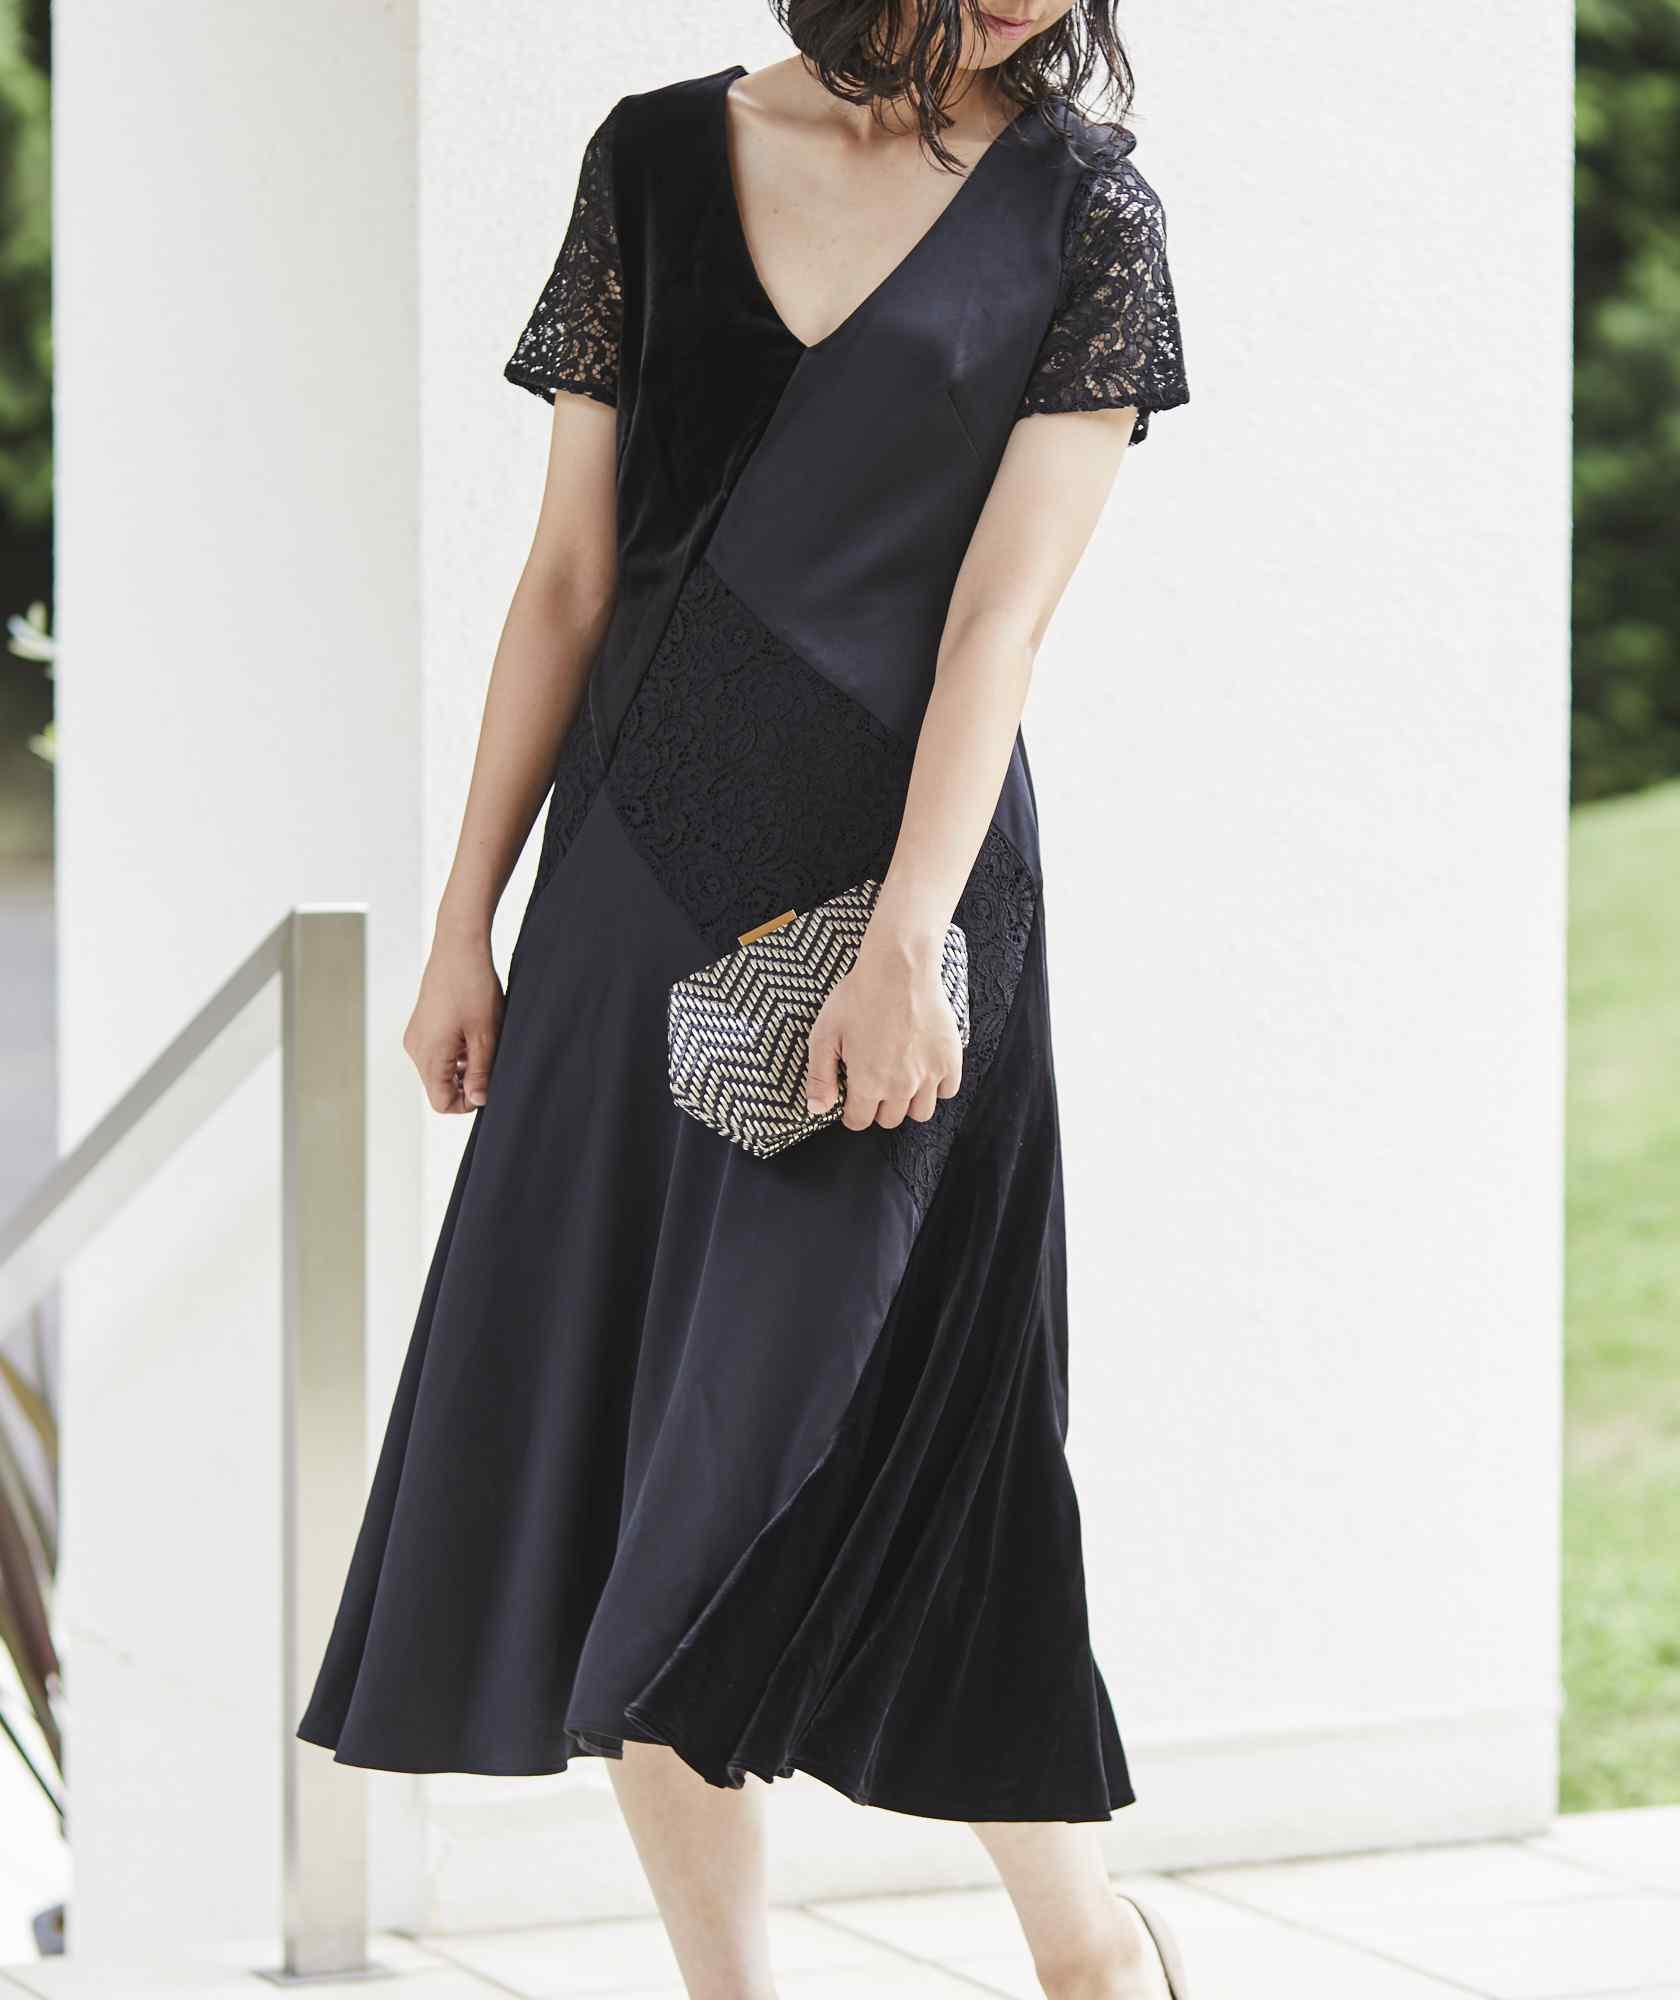 ベルベットパッチワークVネックミディアムドレス-ブラック-S-M